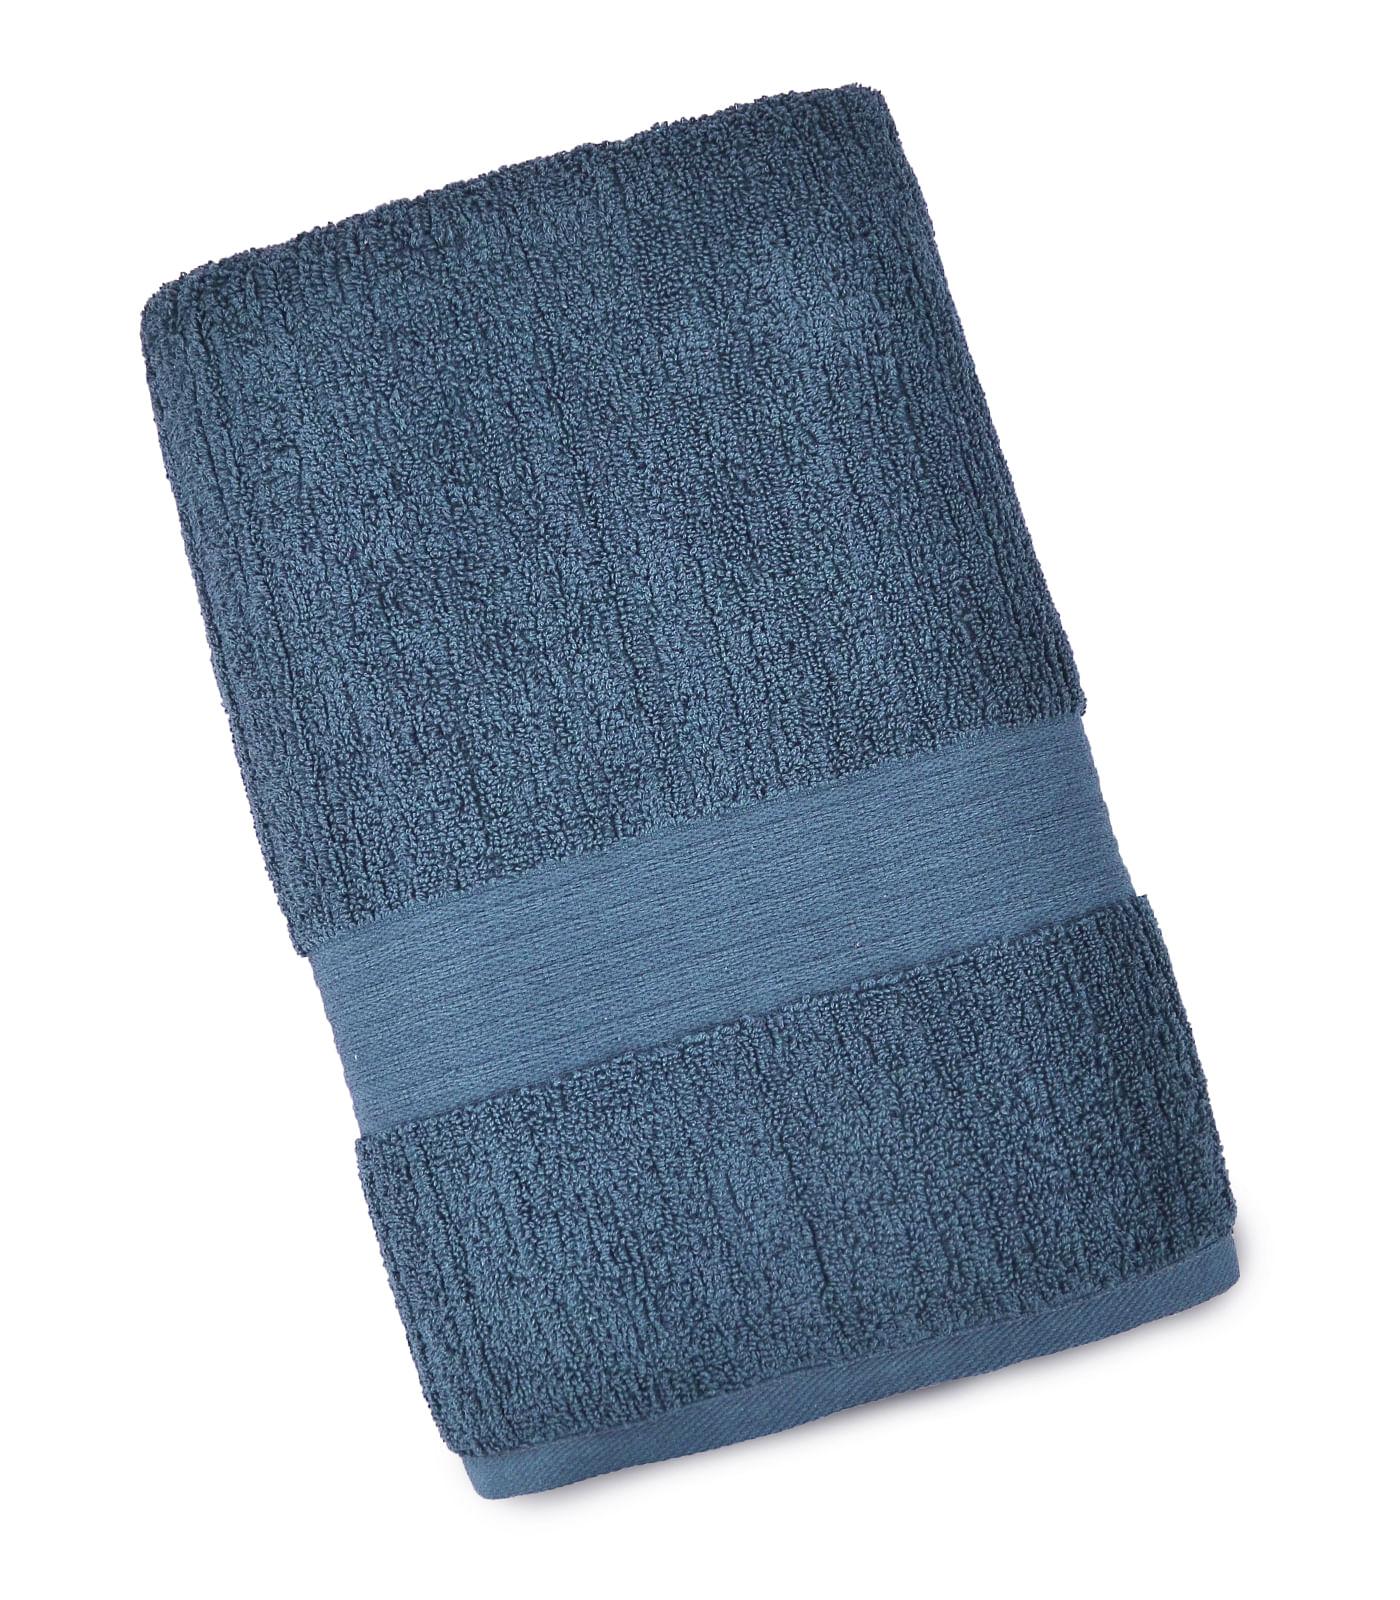 Toalha-De-Banho-Chronos-Atlantica-Azul